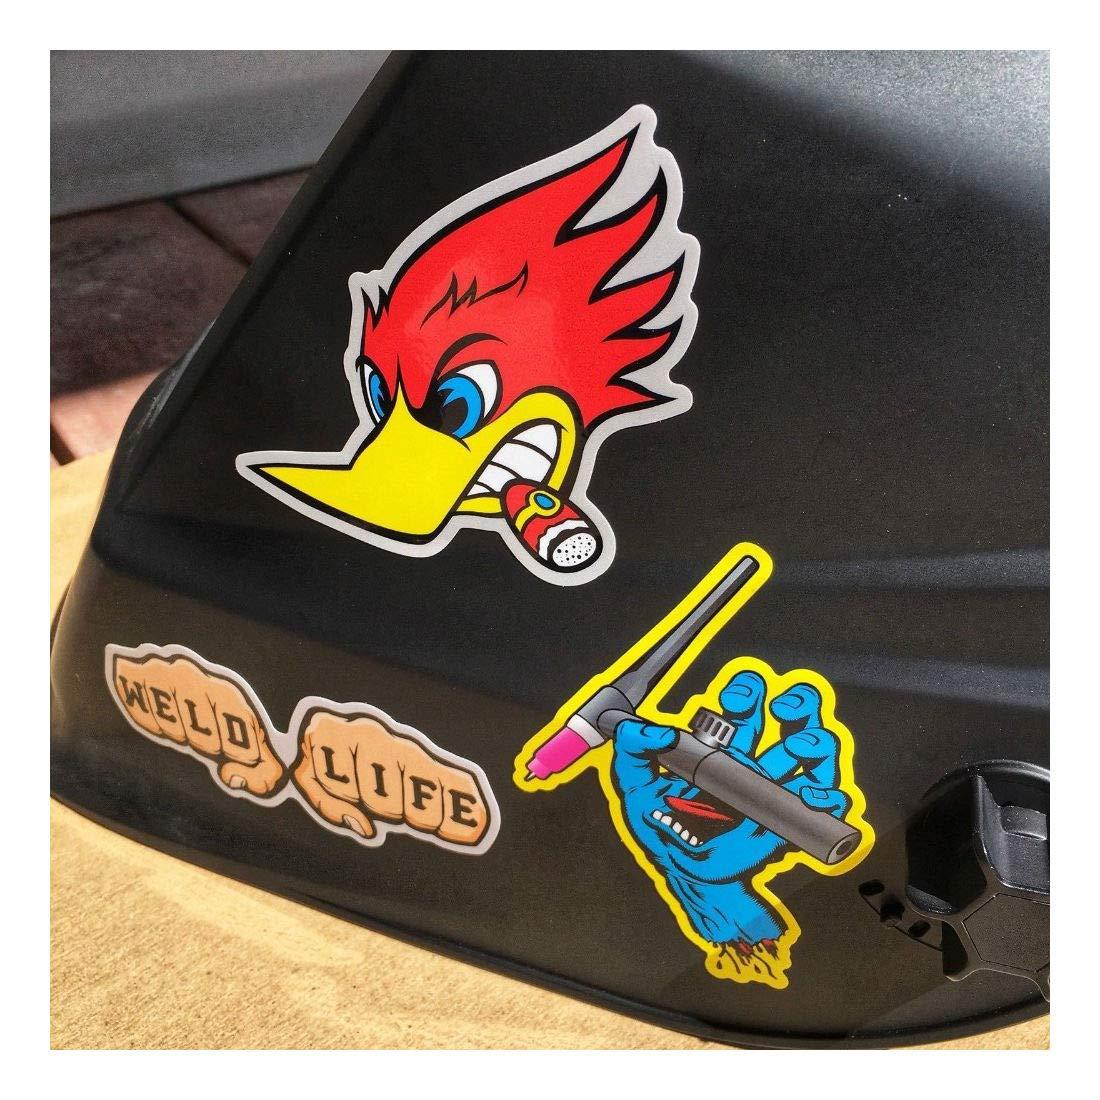 New Welder 40+ Hard Hat Stickers Hardhat Sticker & Decals, Welding Helmet, Hood by Unknown (Image #2)